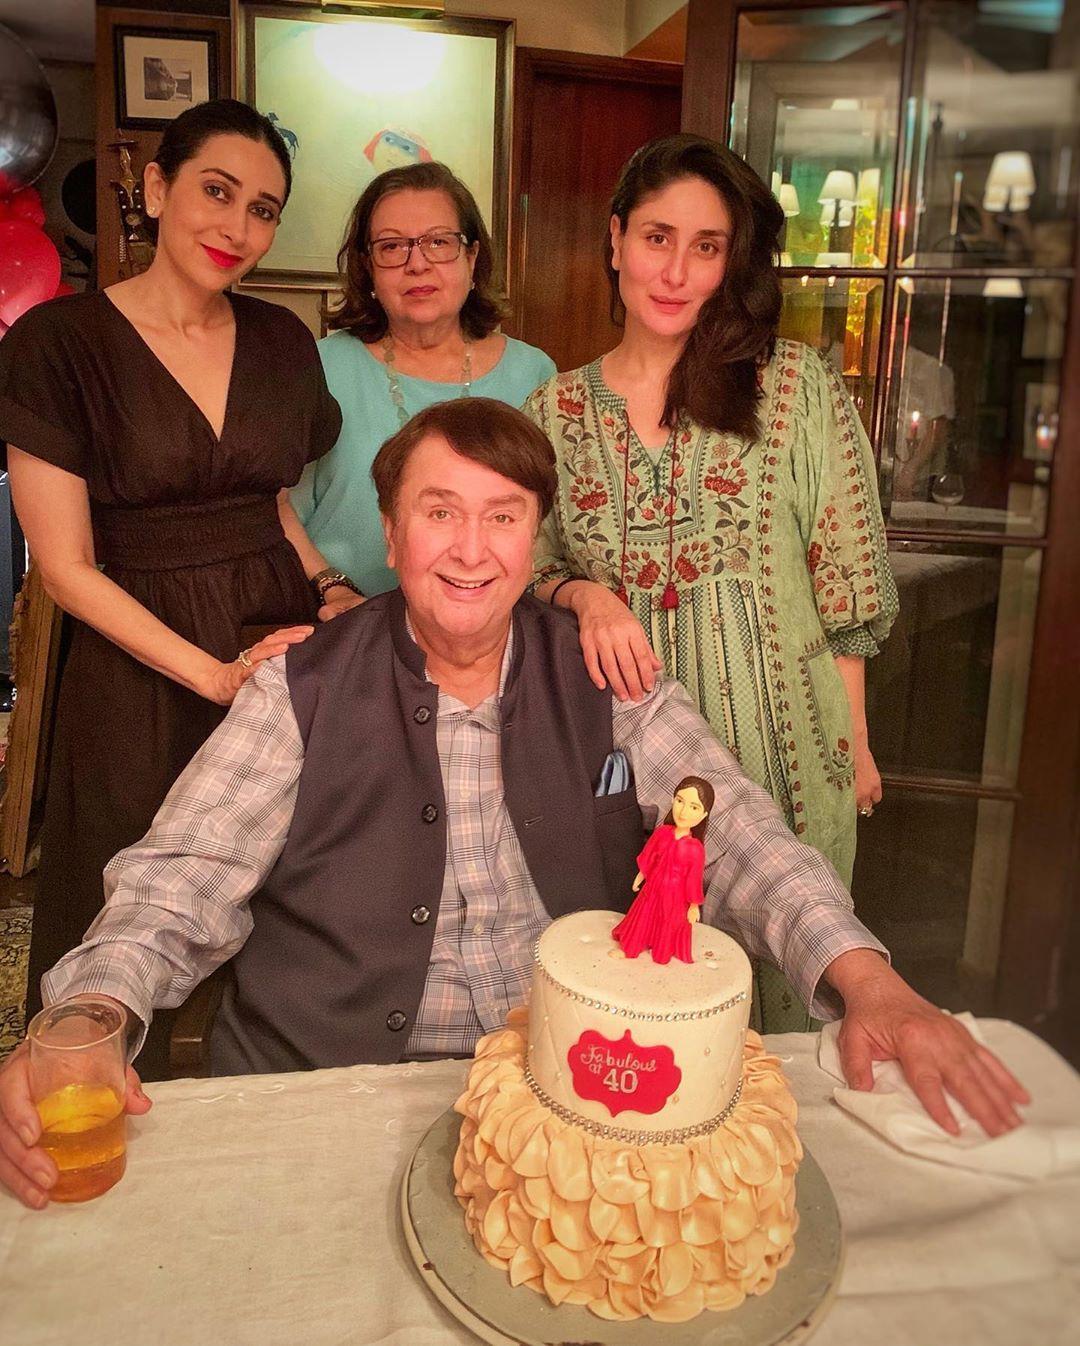 Birthday girl Kareena Kapoor celebrates her 40th birthday - newsdezire